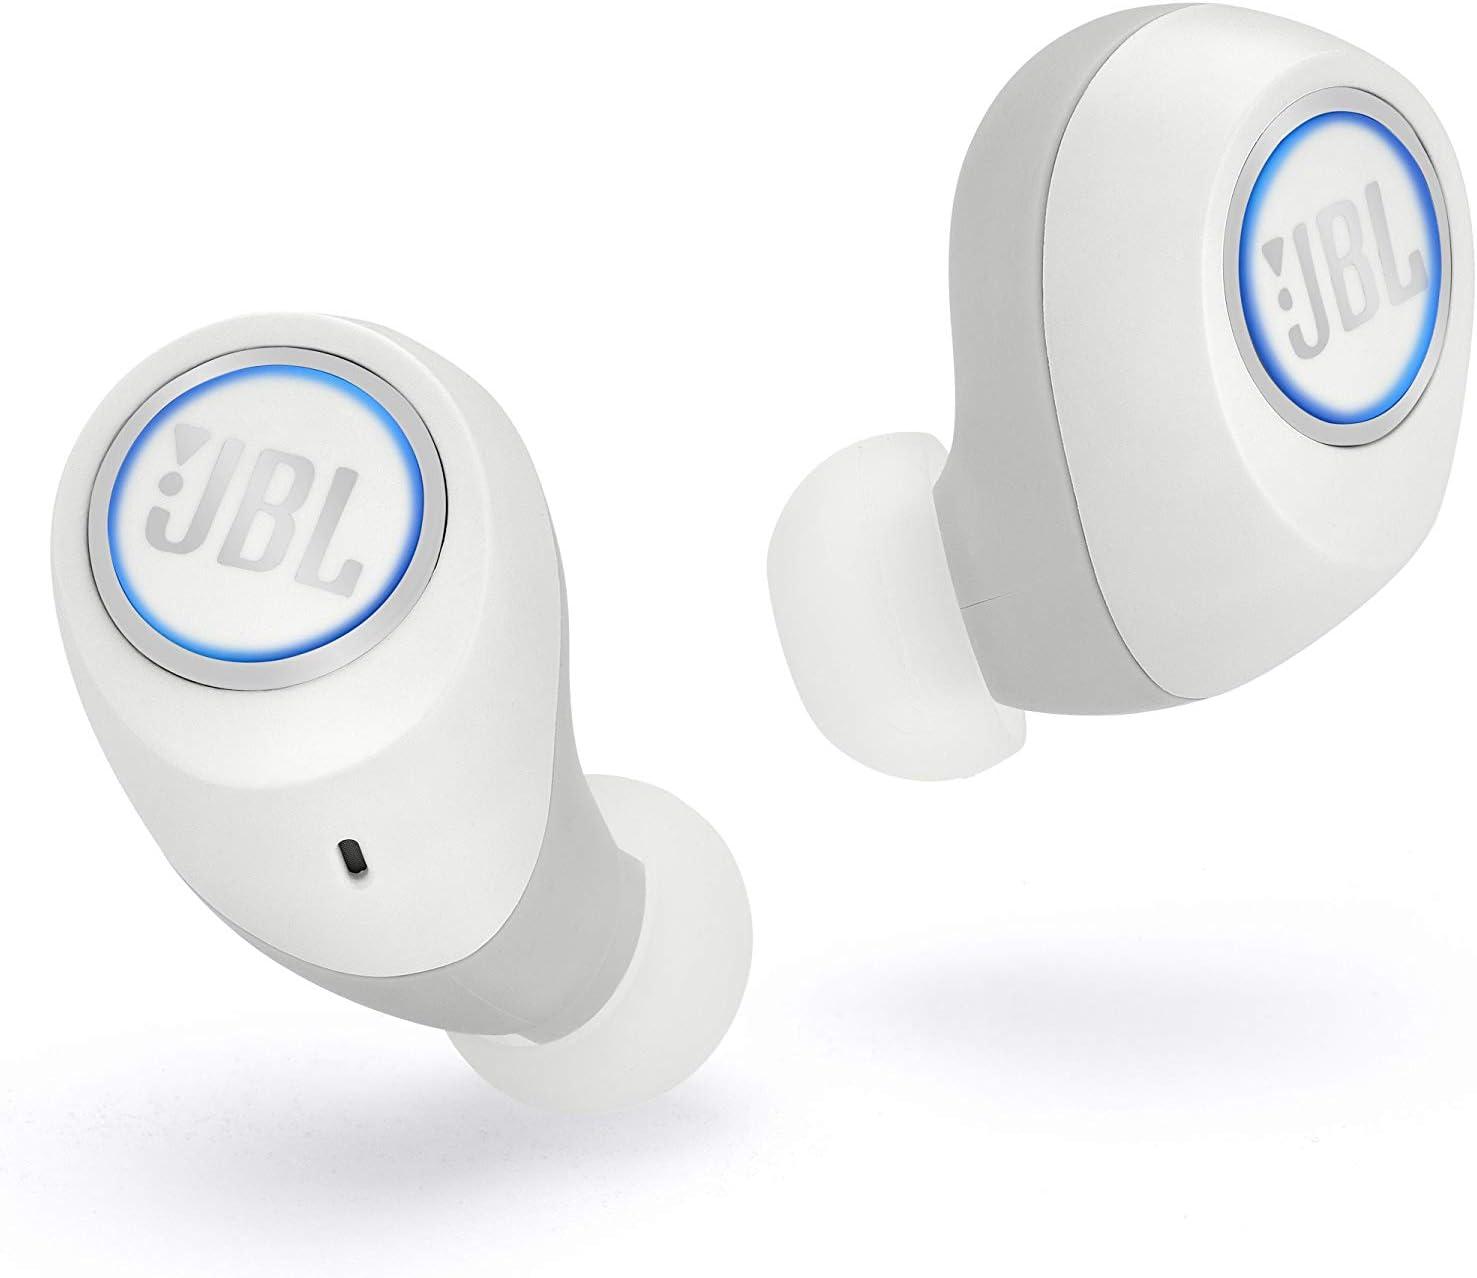 JBL Free X - Auriculares inalámbricos con Bluetooth y cancelación de ruido, JBL Signature Sound, 24 h de música continua y estuche de carga inteligente, blanco